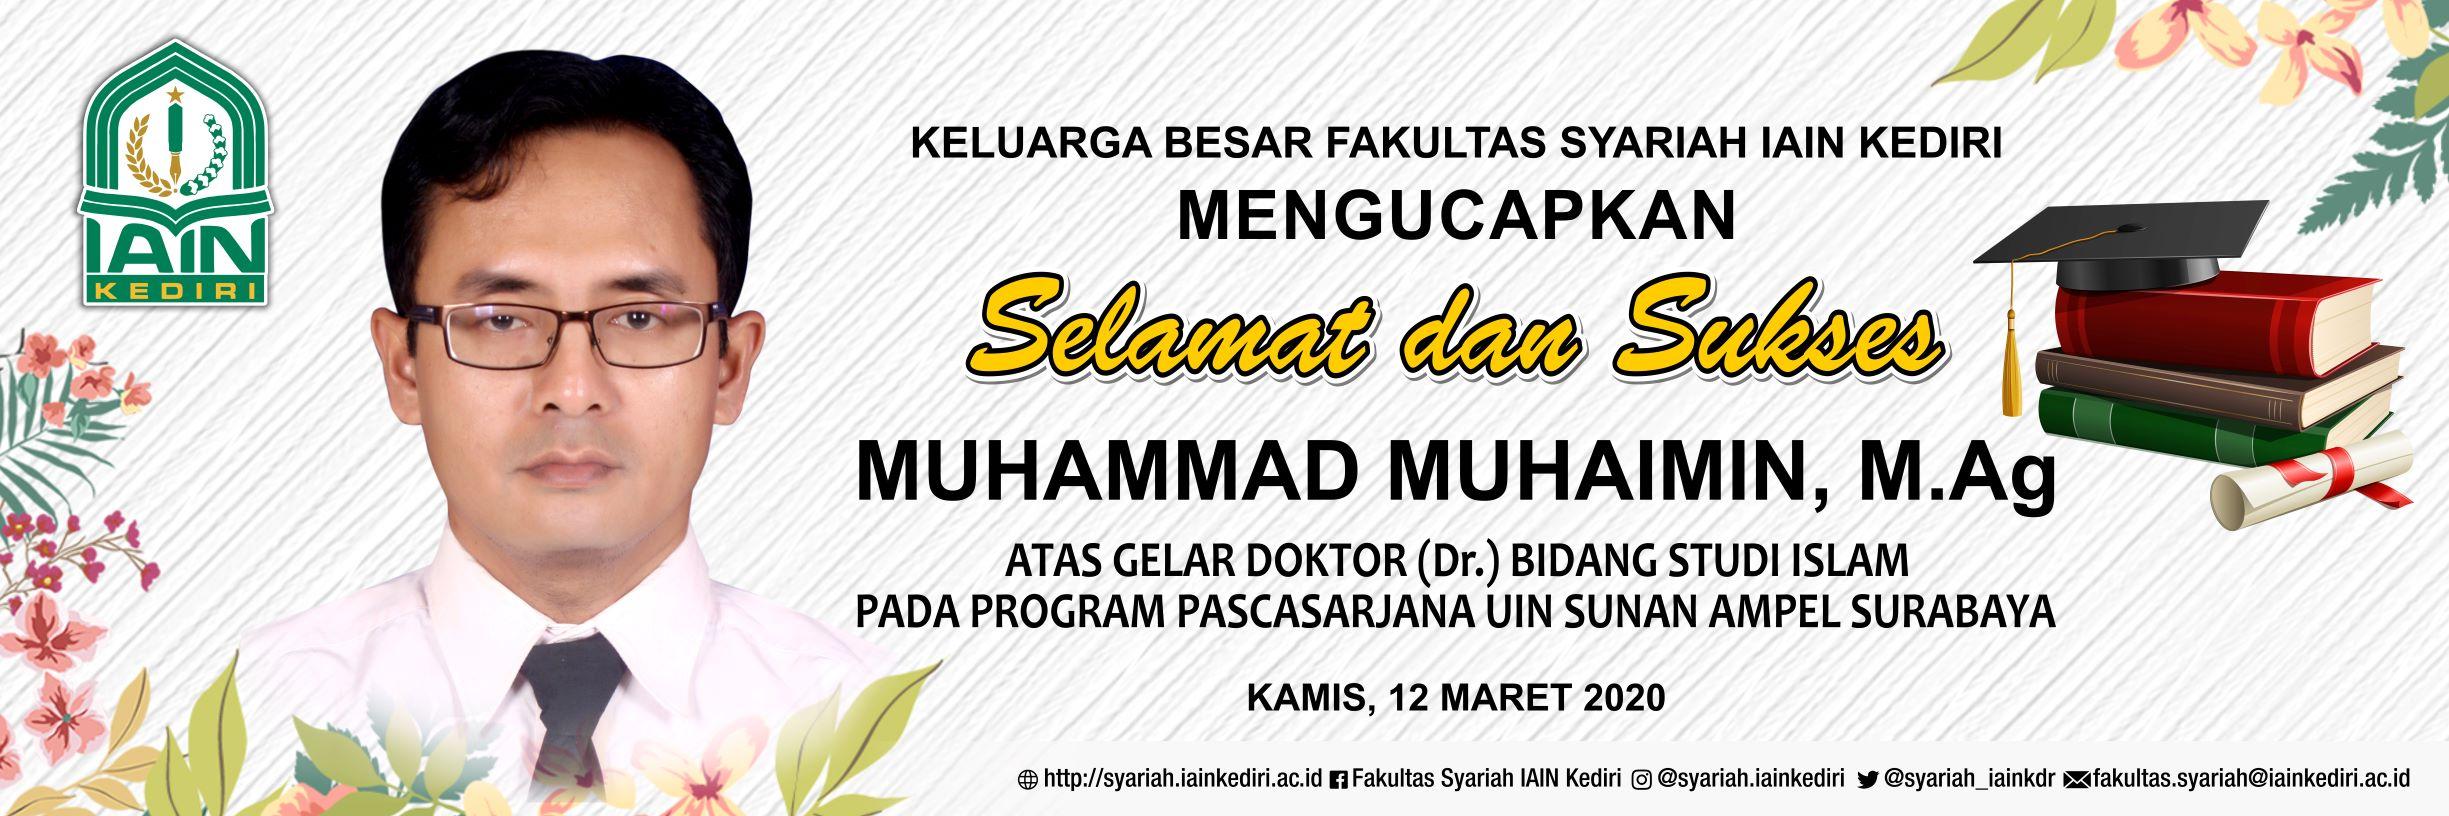 SELAMAT SUKSES DR. MUHAMAD MUHAIMIN, M.AG